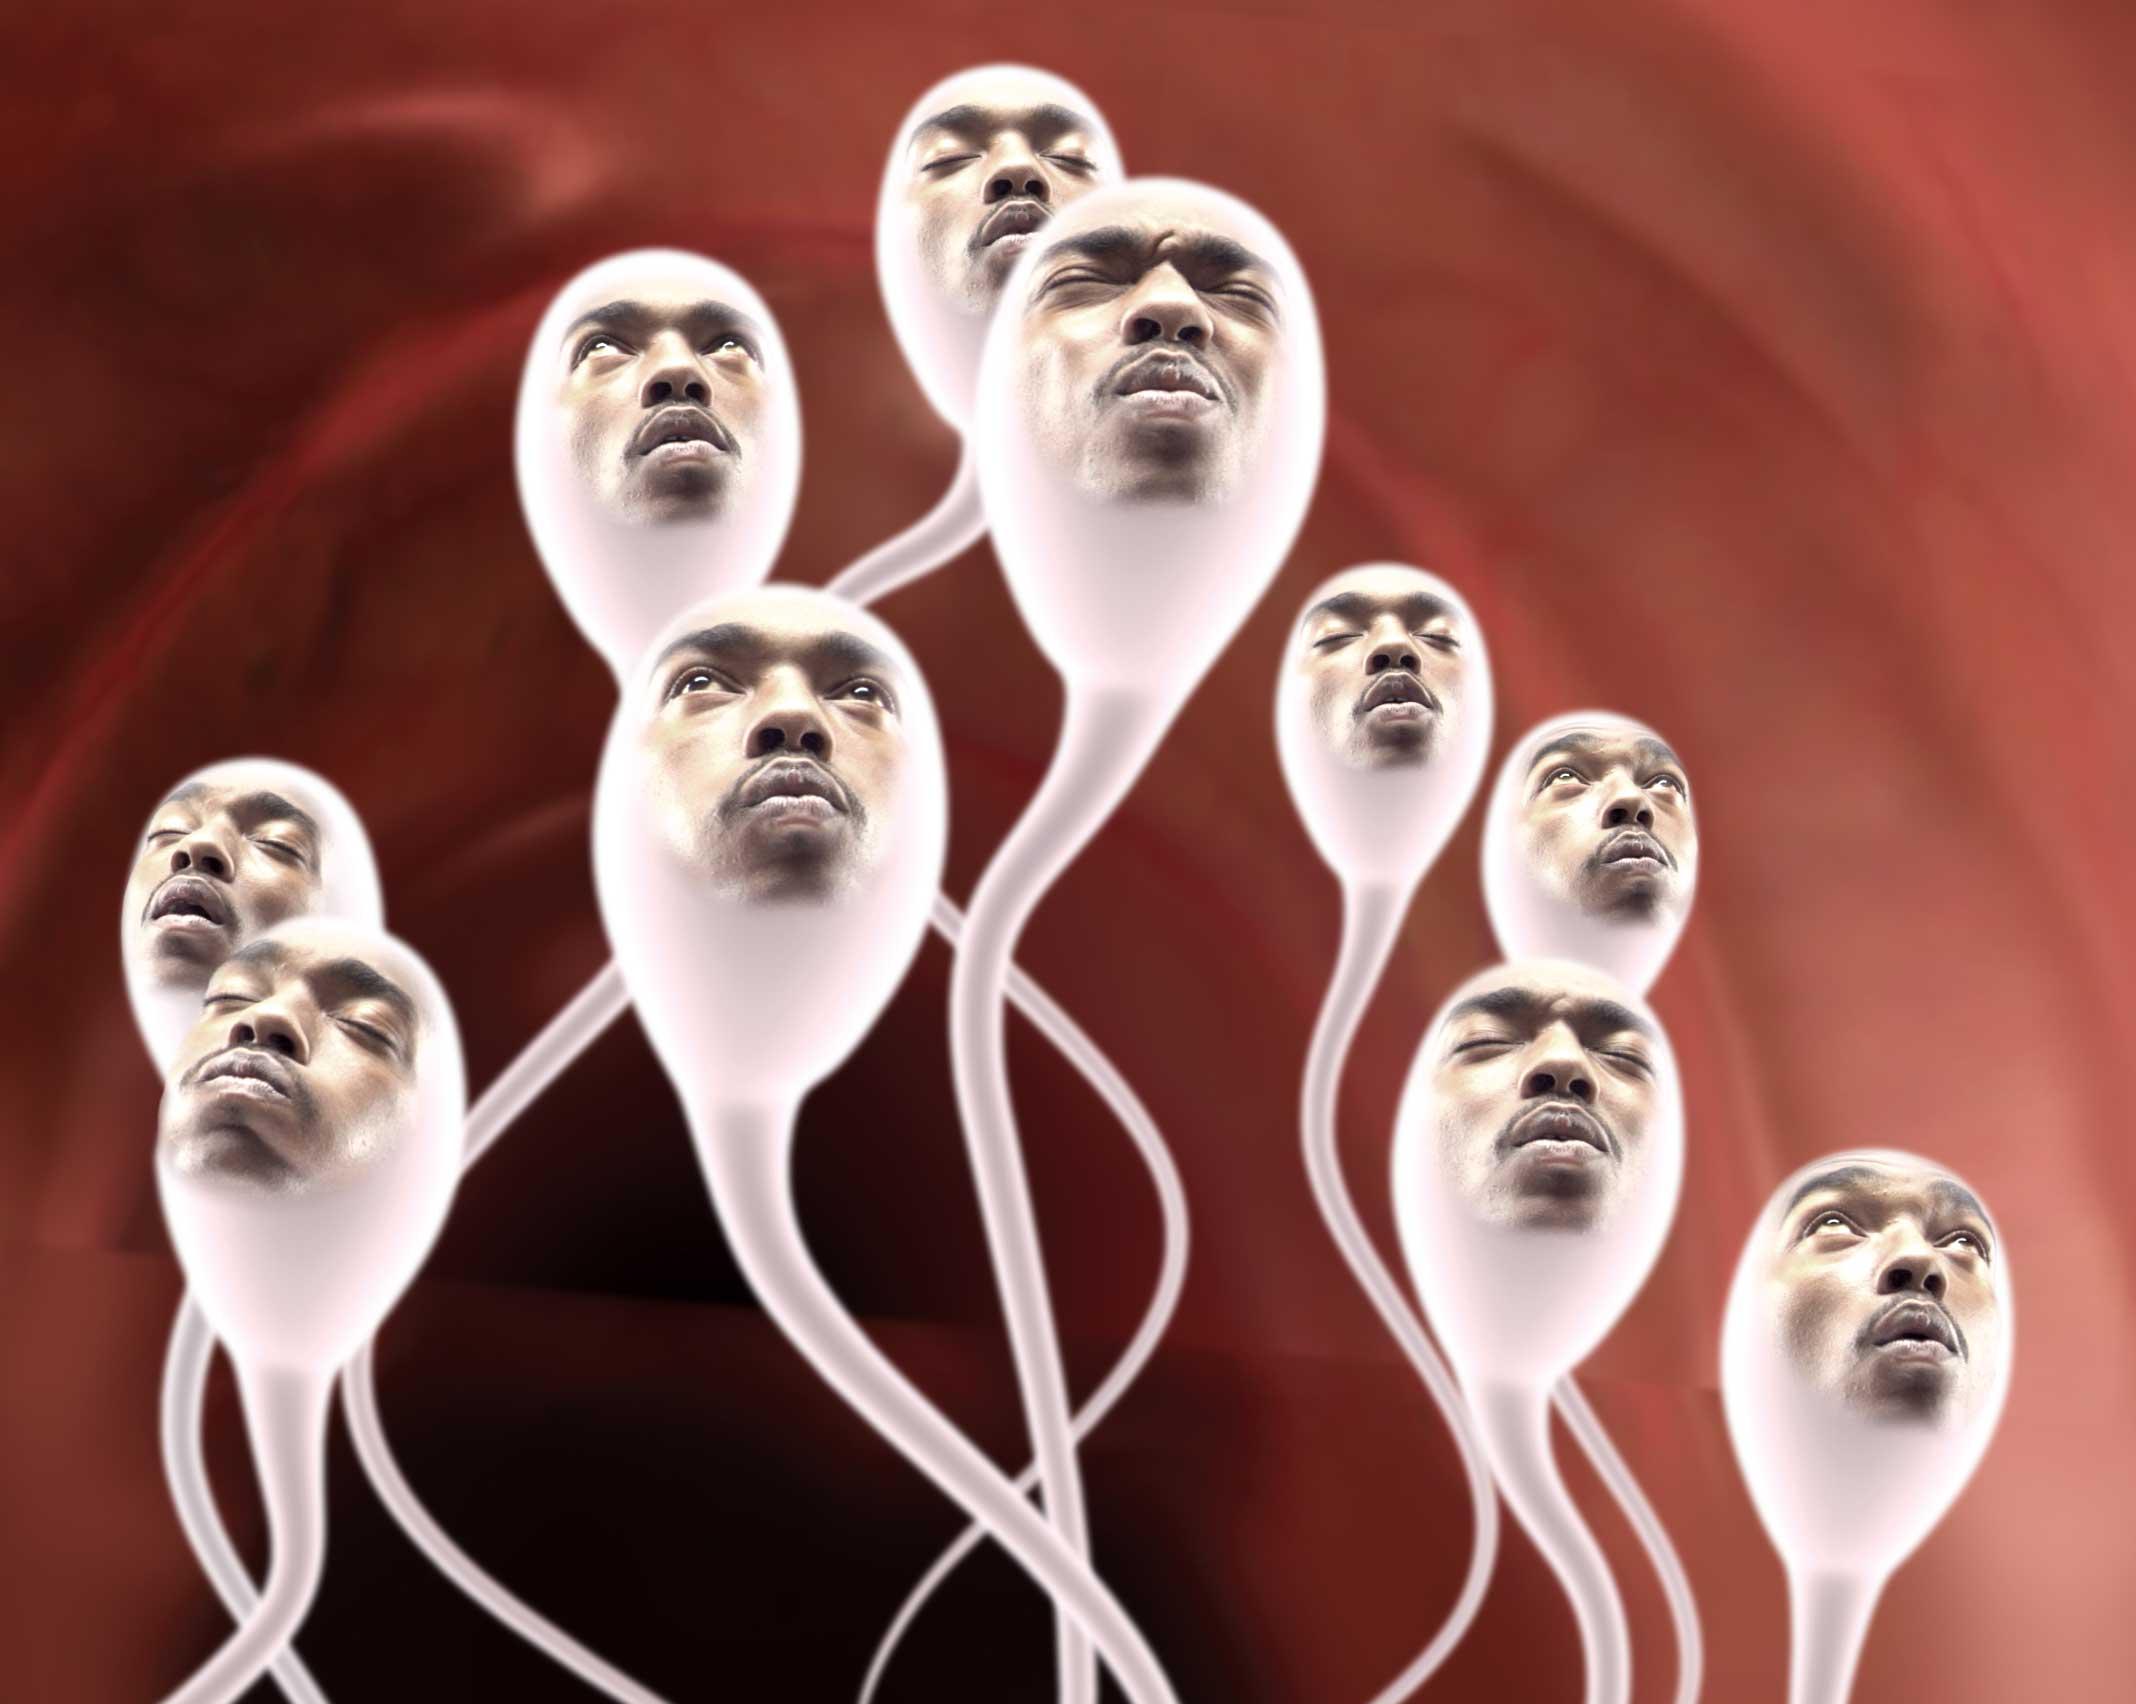 chto-soderzhitsya-v-sperme